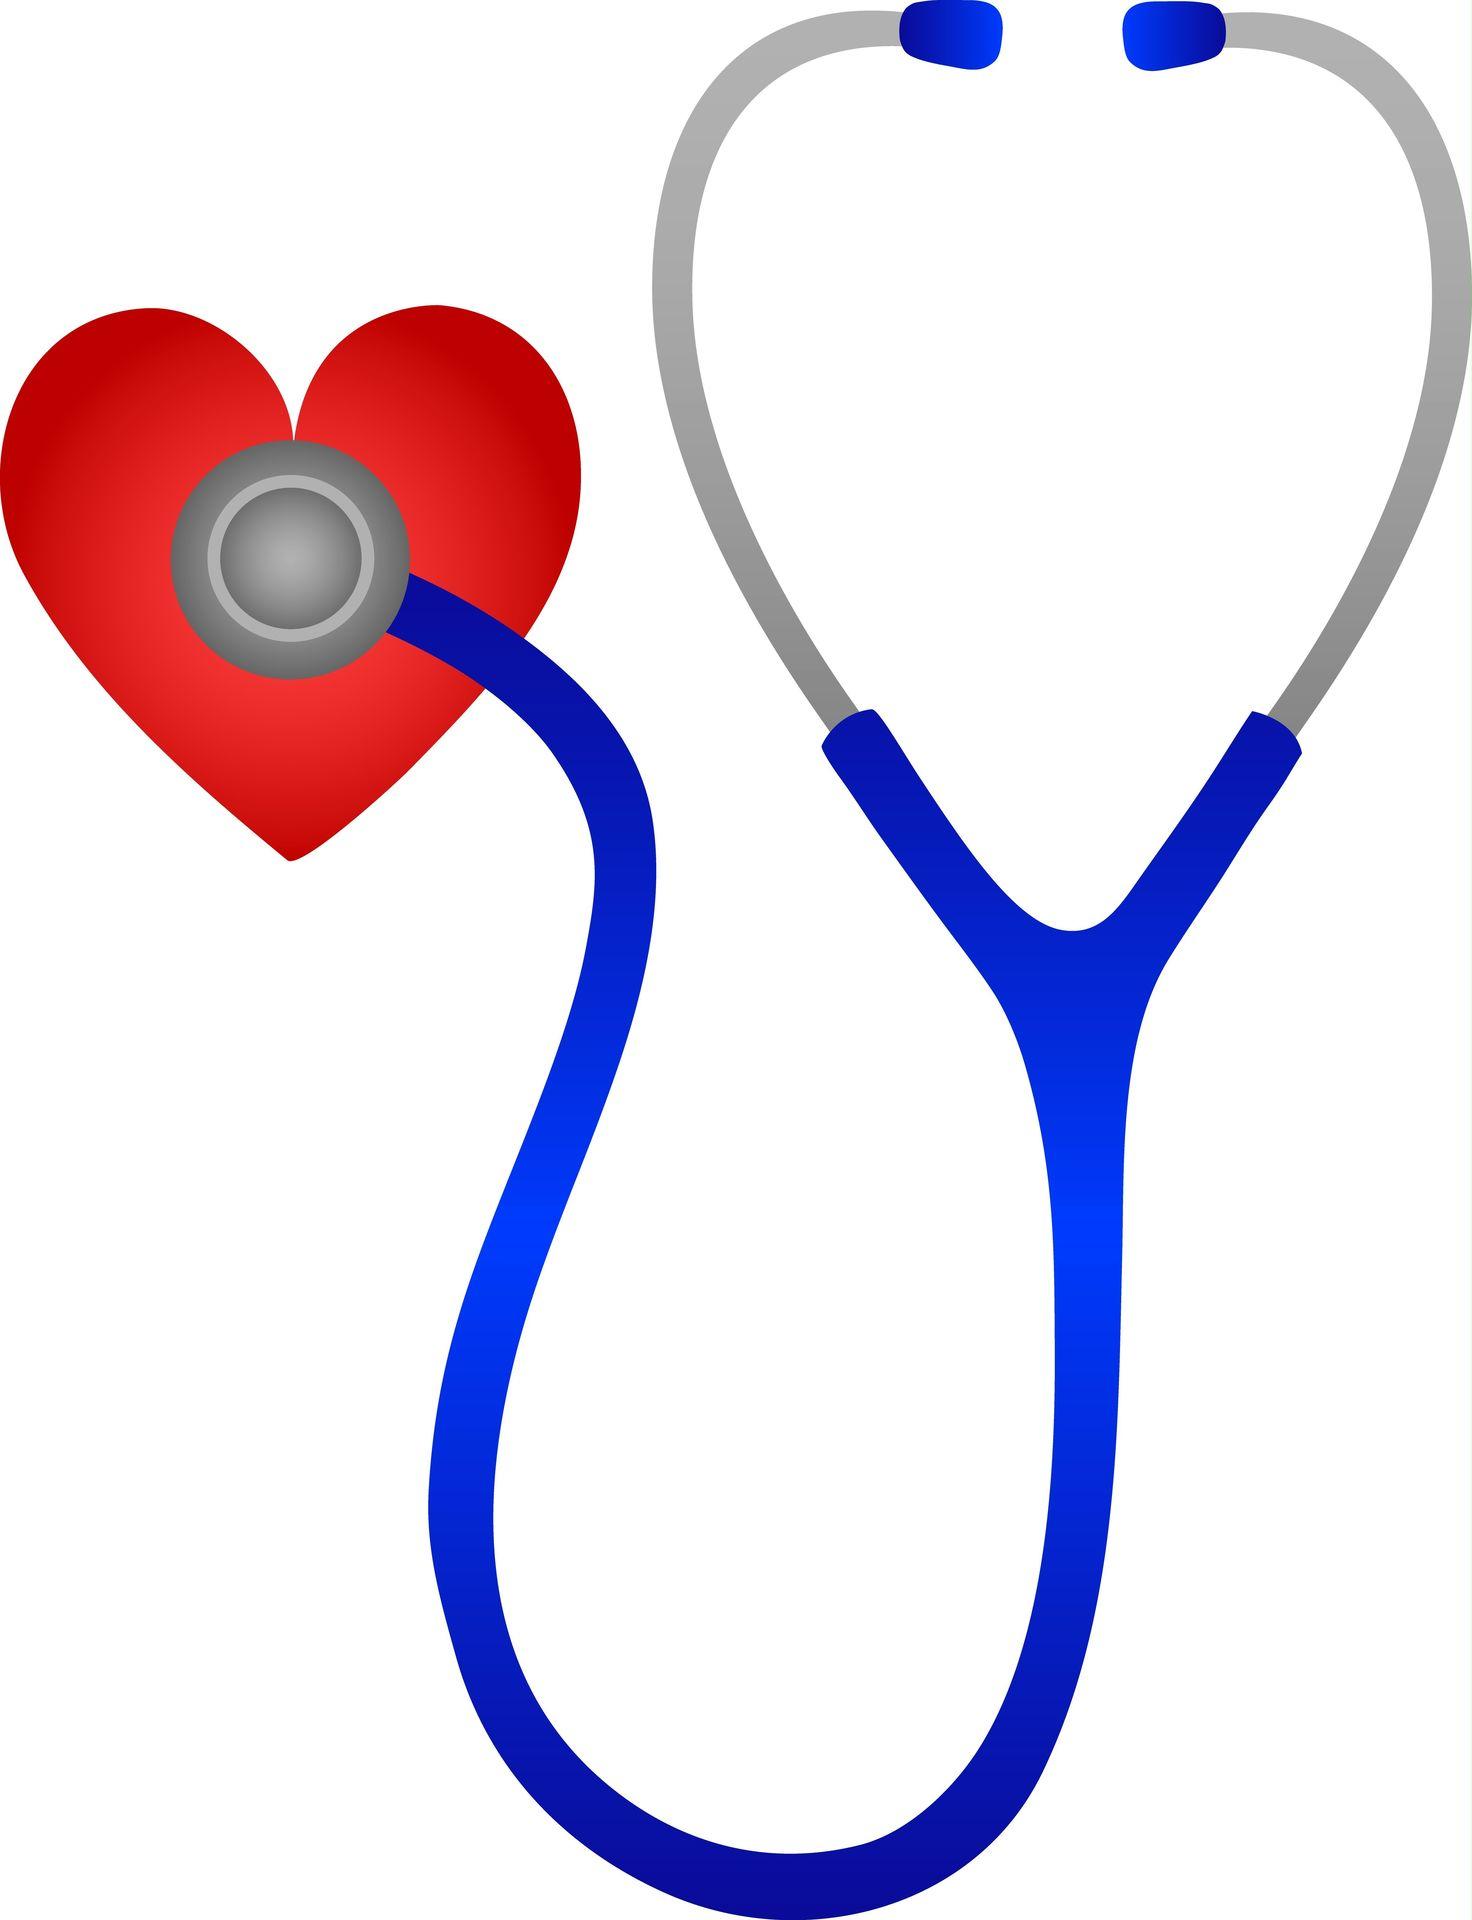 qibaykn5t-medical